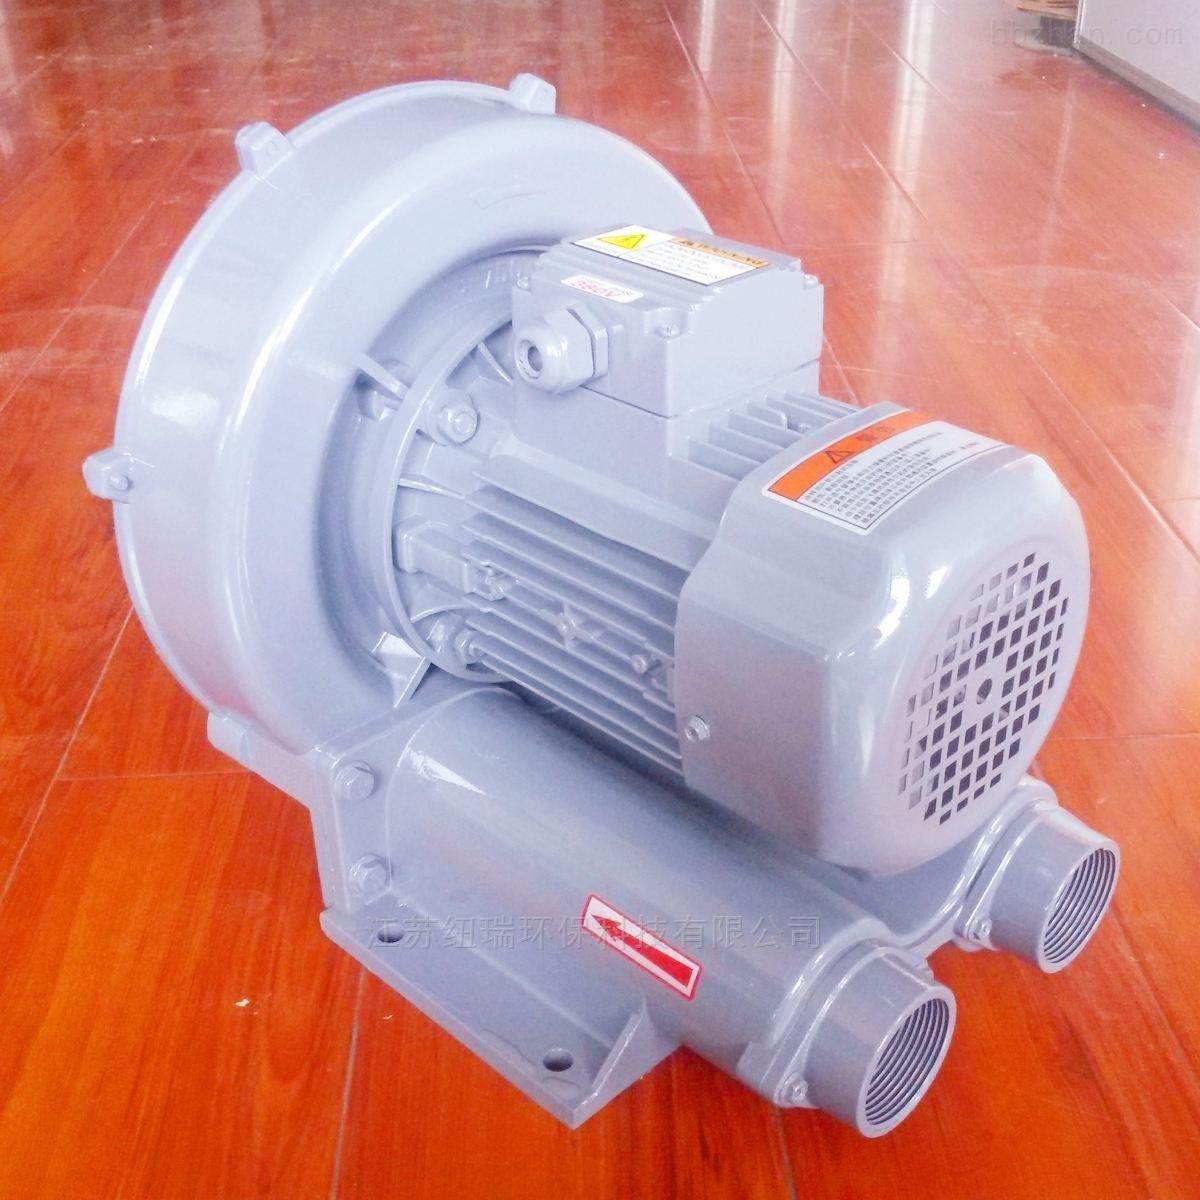 清洗机械高压风机-清洗设备用风机